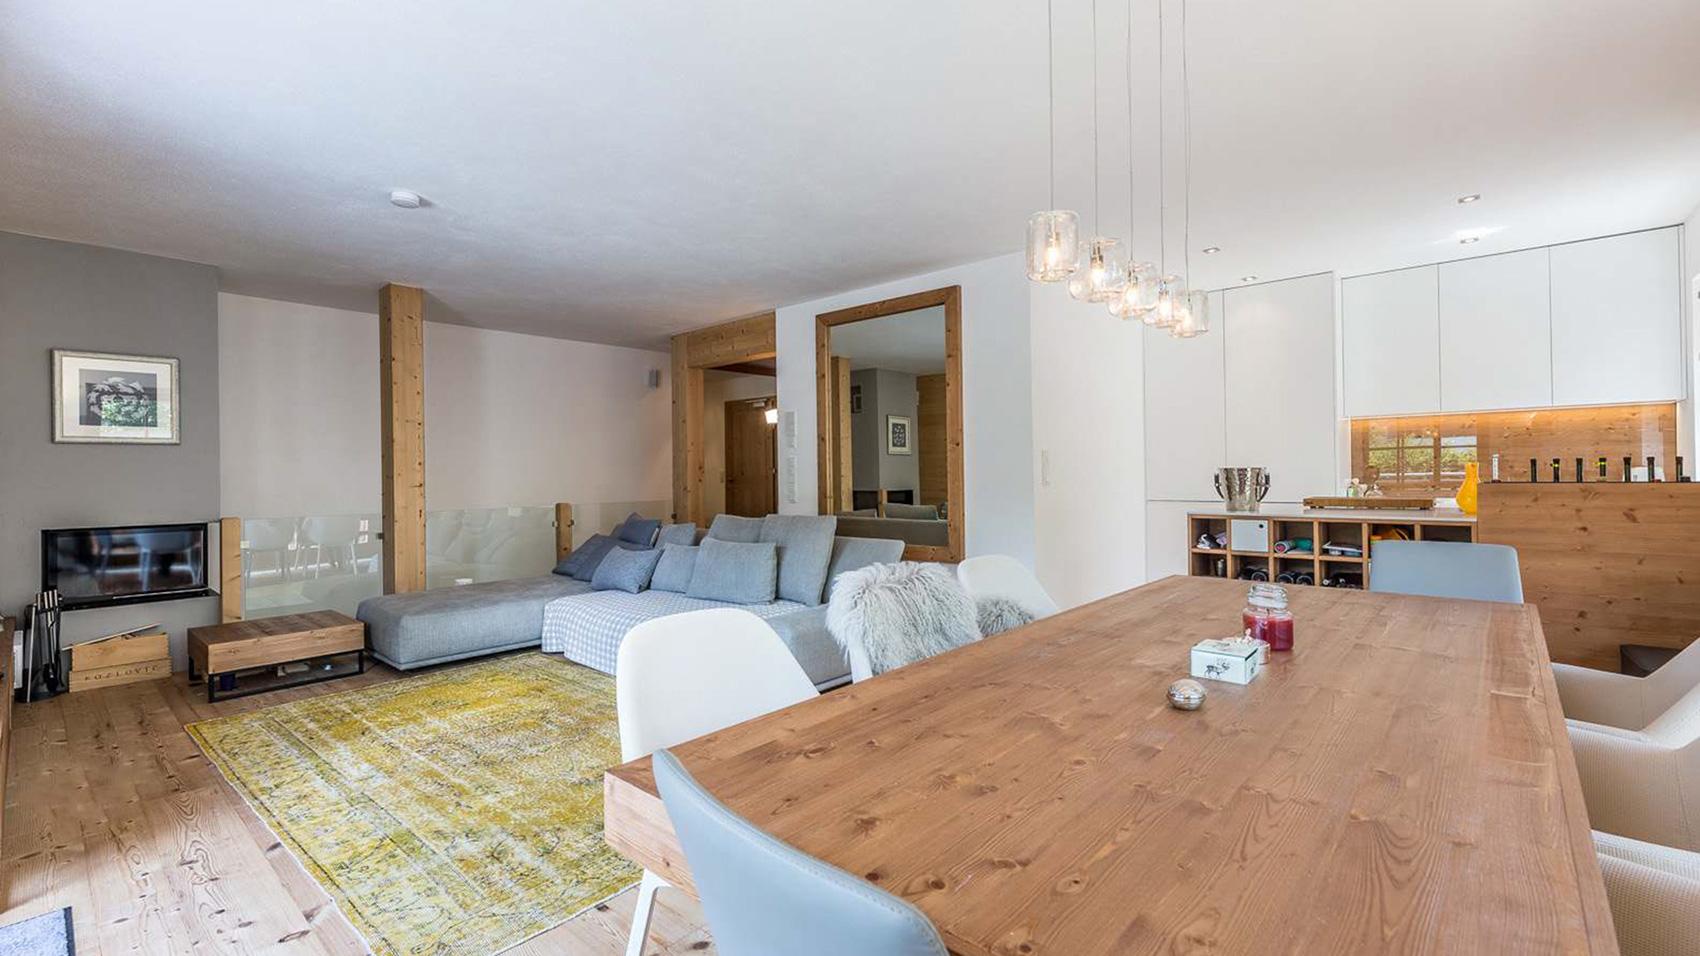 Chalet Constantin Apartments, Austria